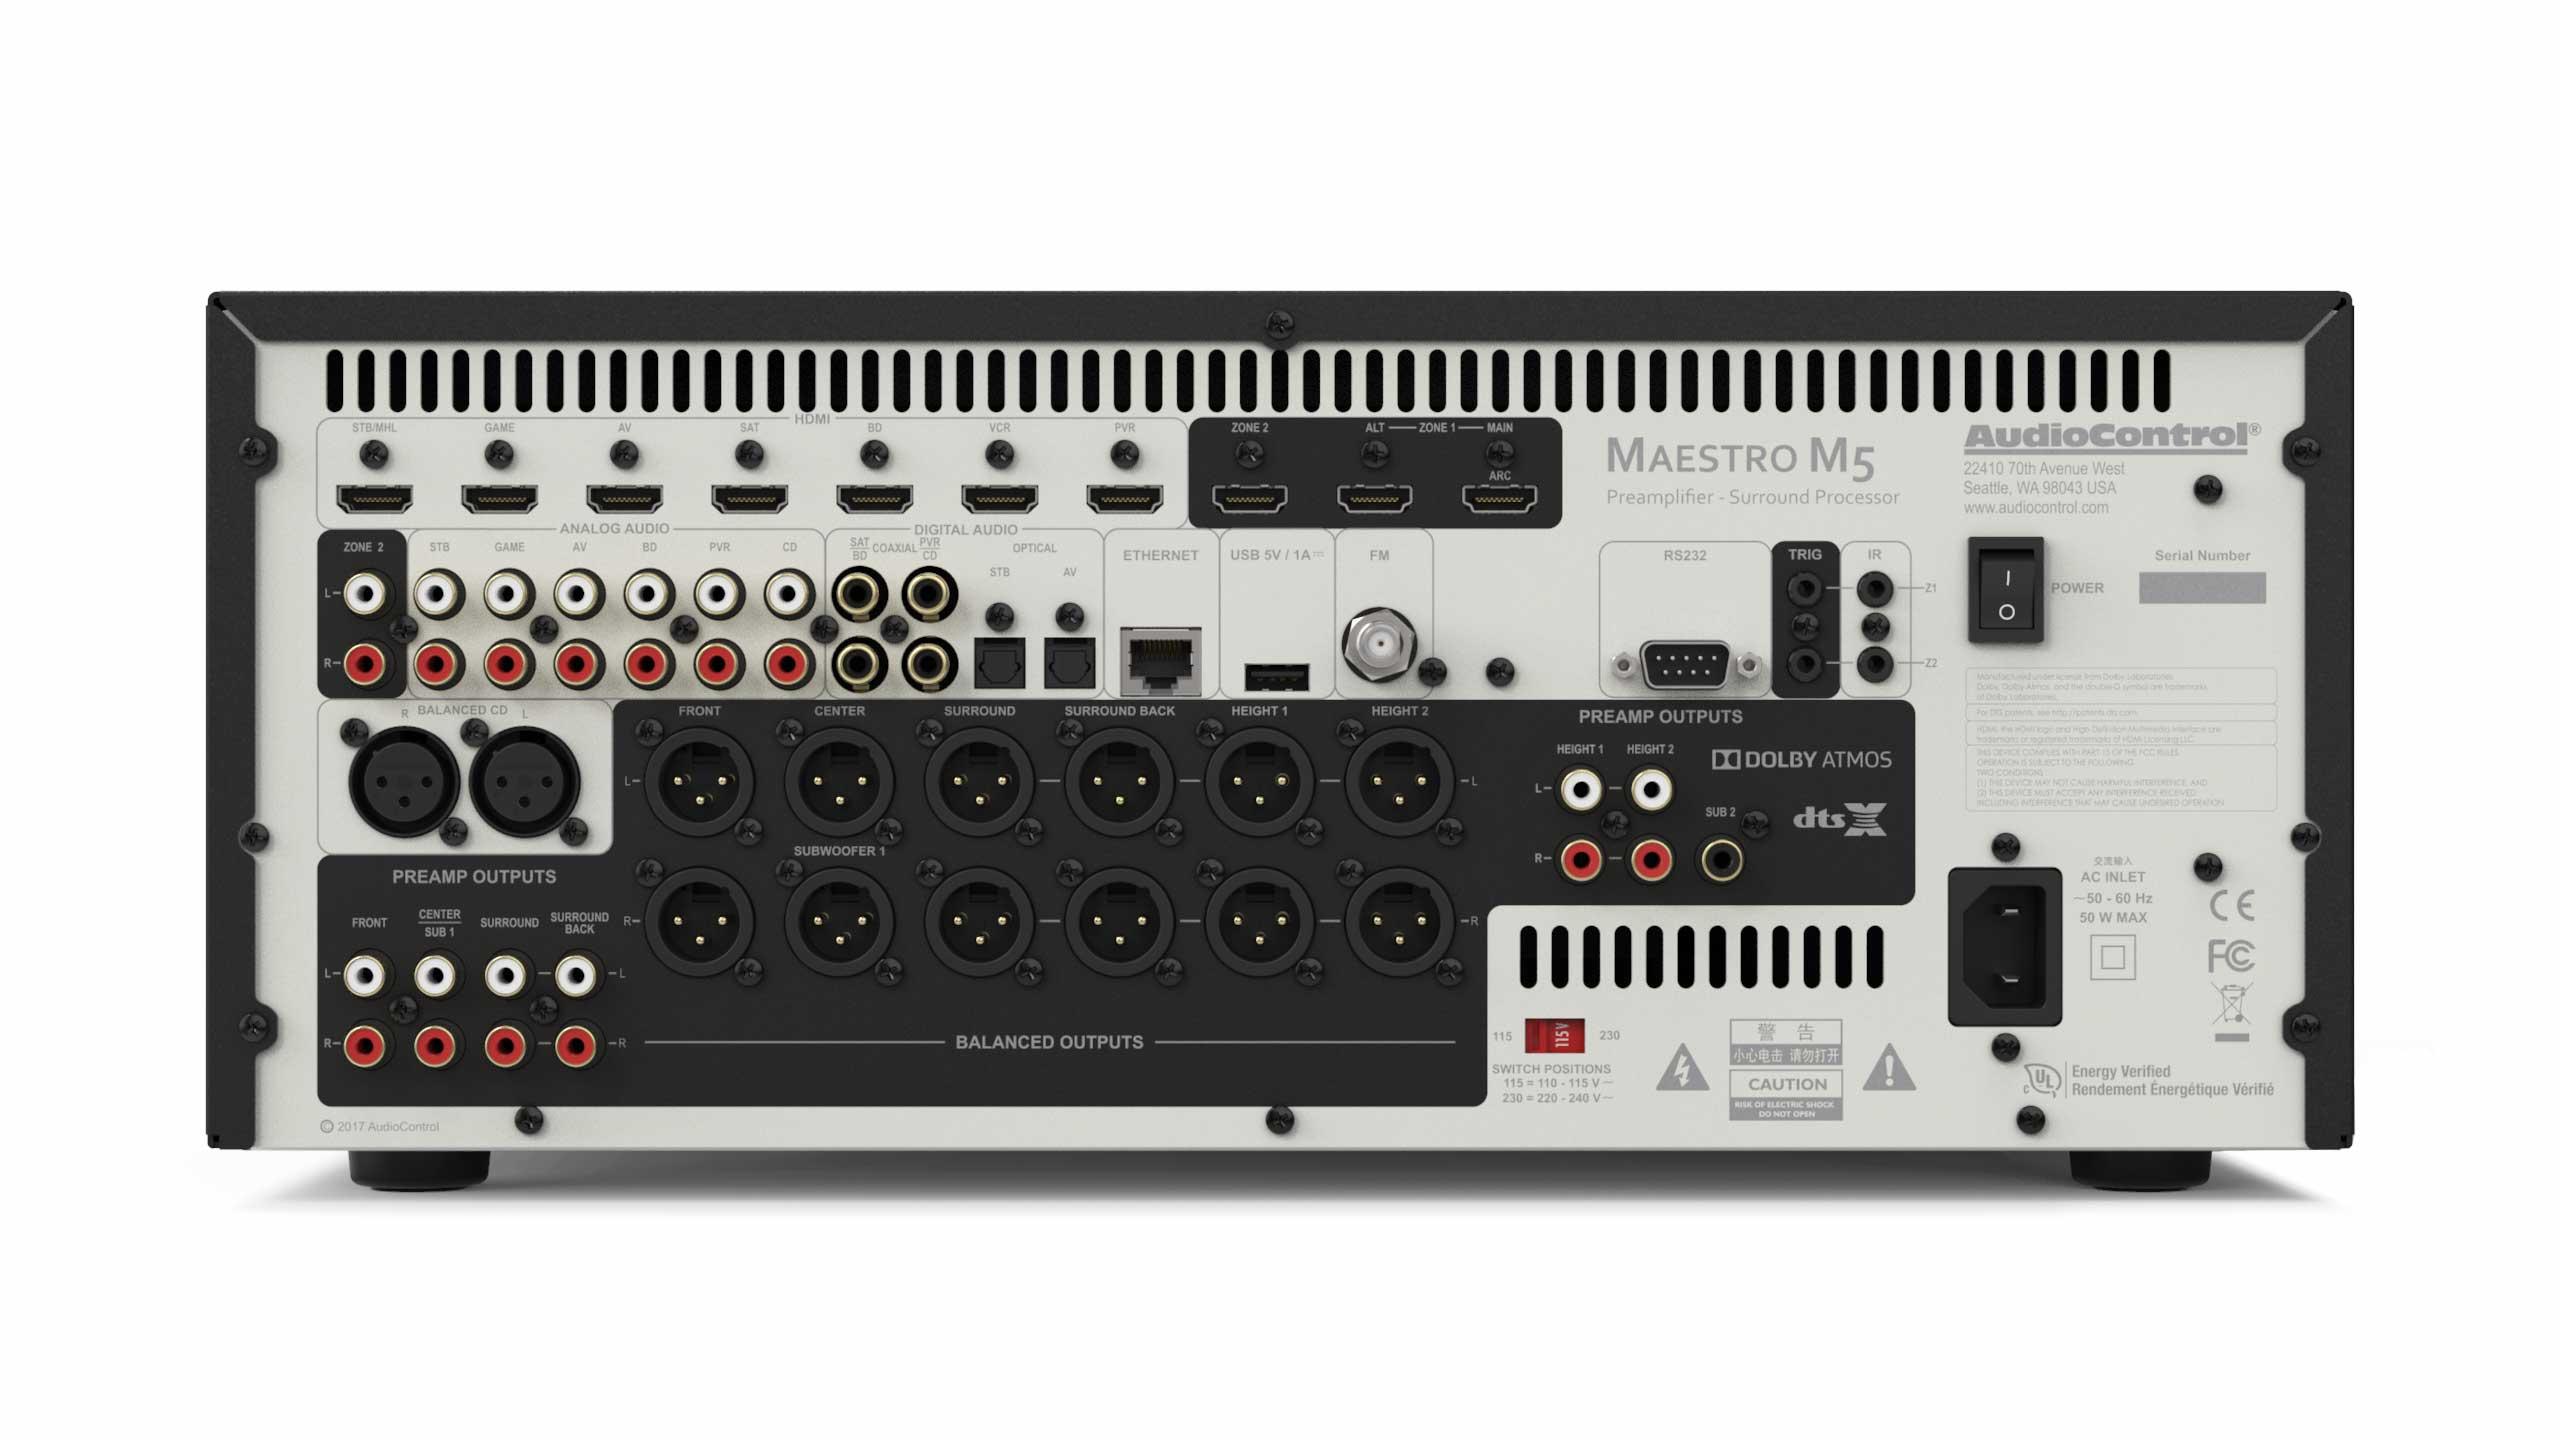 Audiocontrol Introduces The Maestro M5 Premium Home